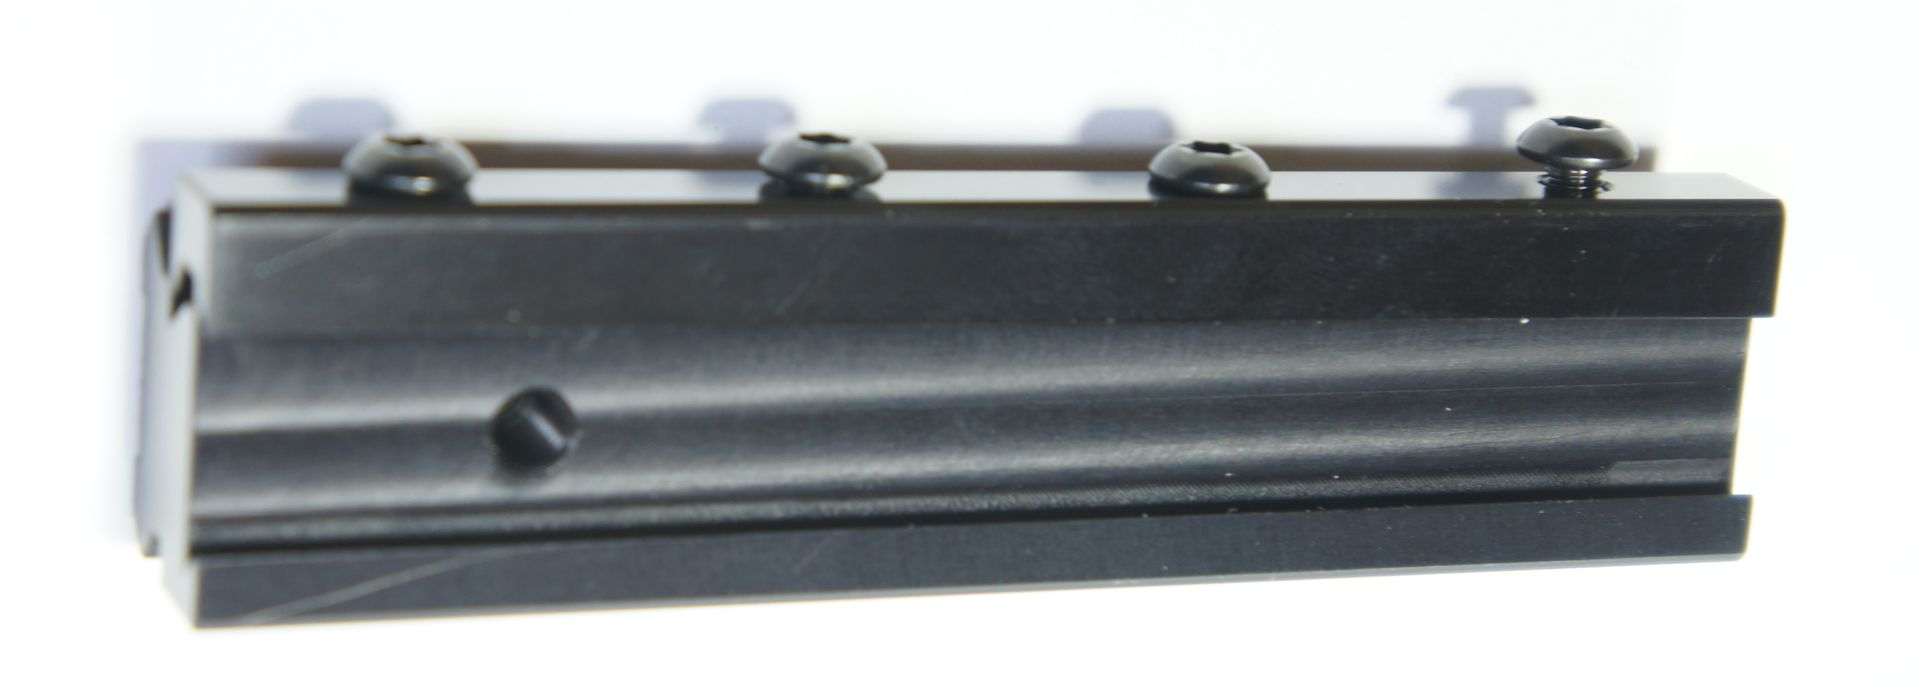 Adapter von 11mm auf Schienenbreite ca. 21mm / Bitte bestellen Sie bei Bedarf den passenden <a href=1155120.htm> Winkelstiftschlüssel TORX 20</a>  gleich mit.